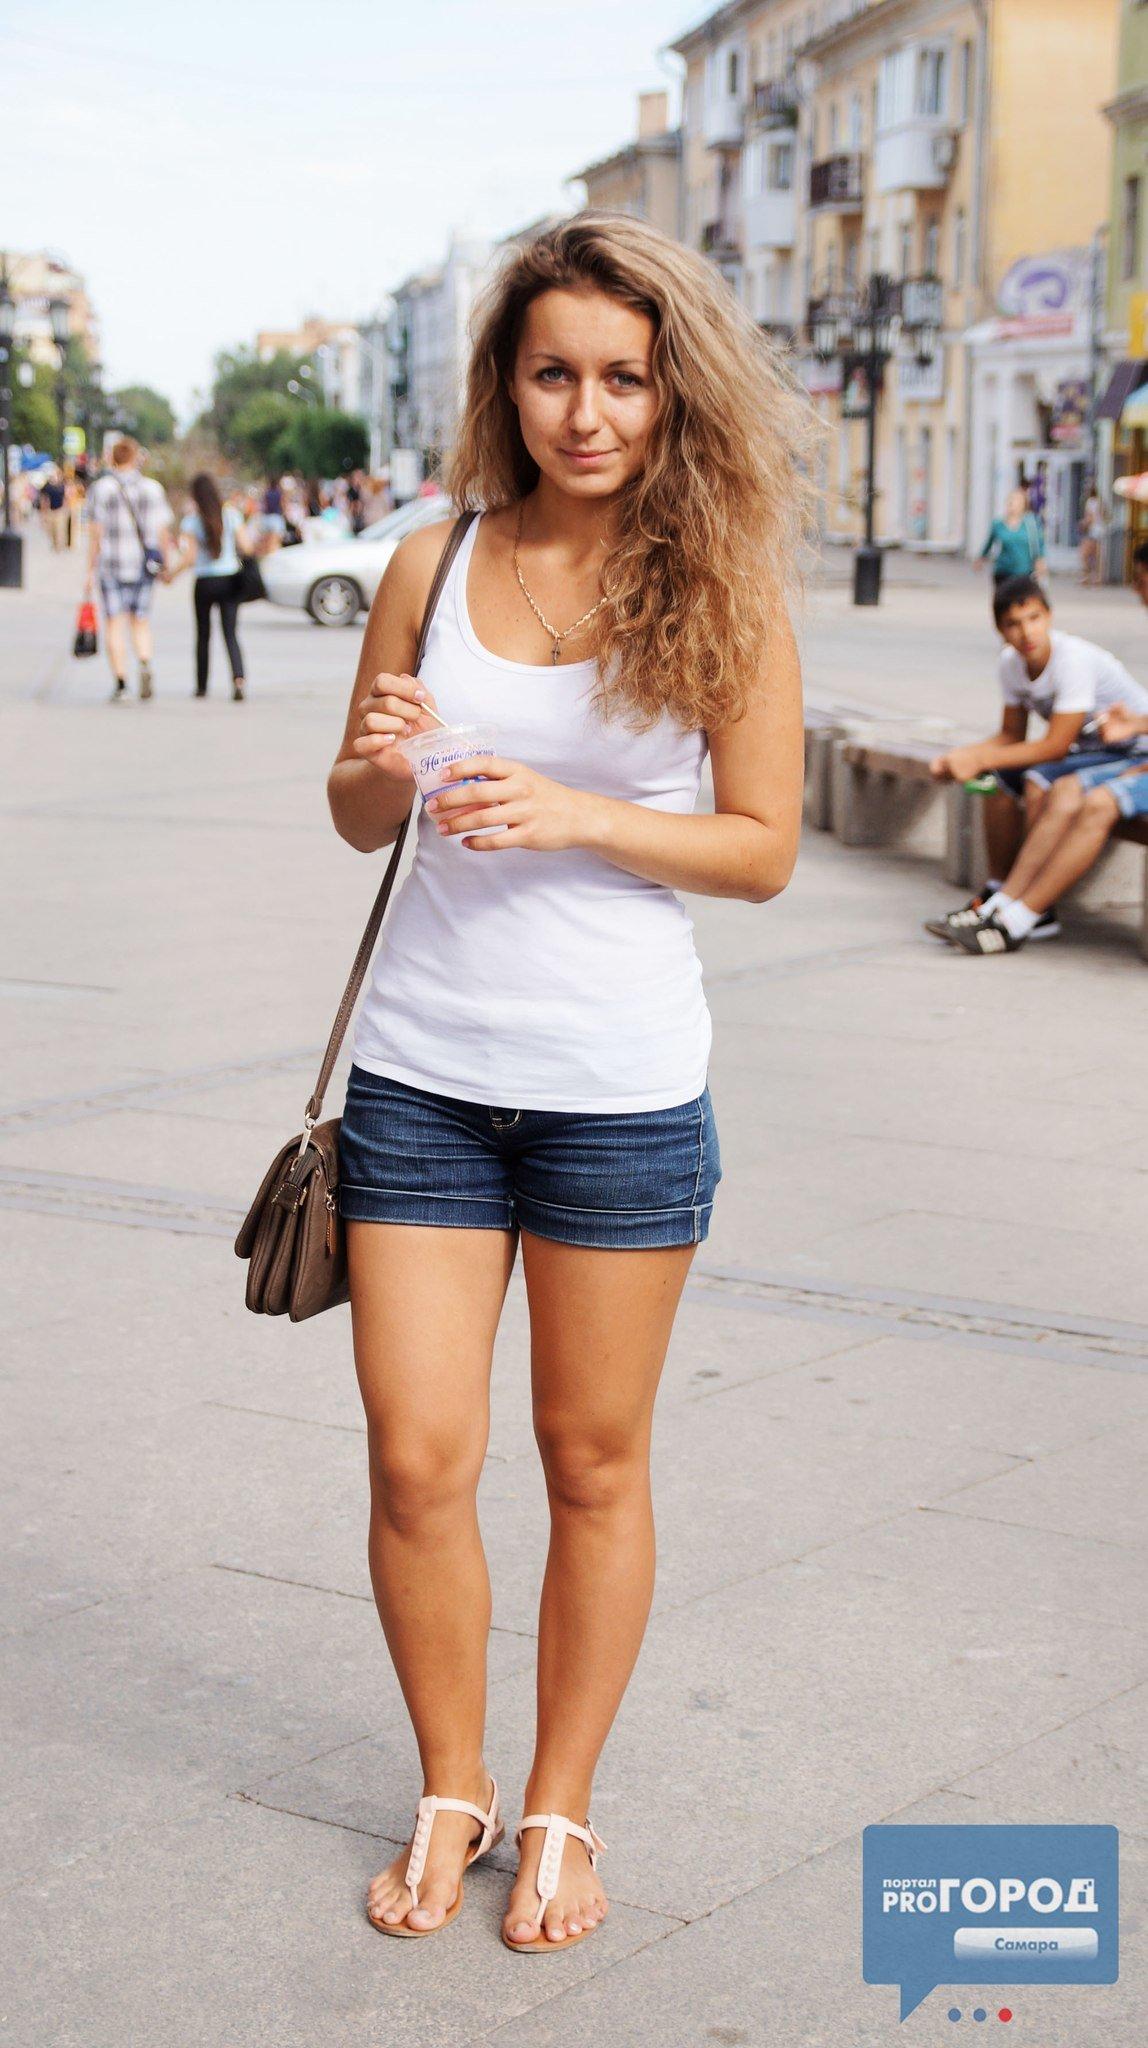 Порно фотография женщины в шортах на улице похотливая платье фото